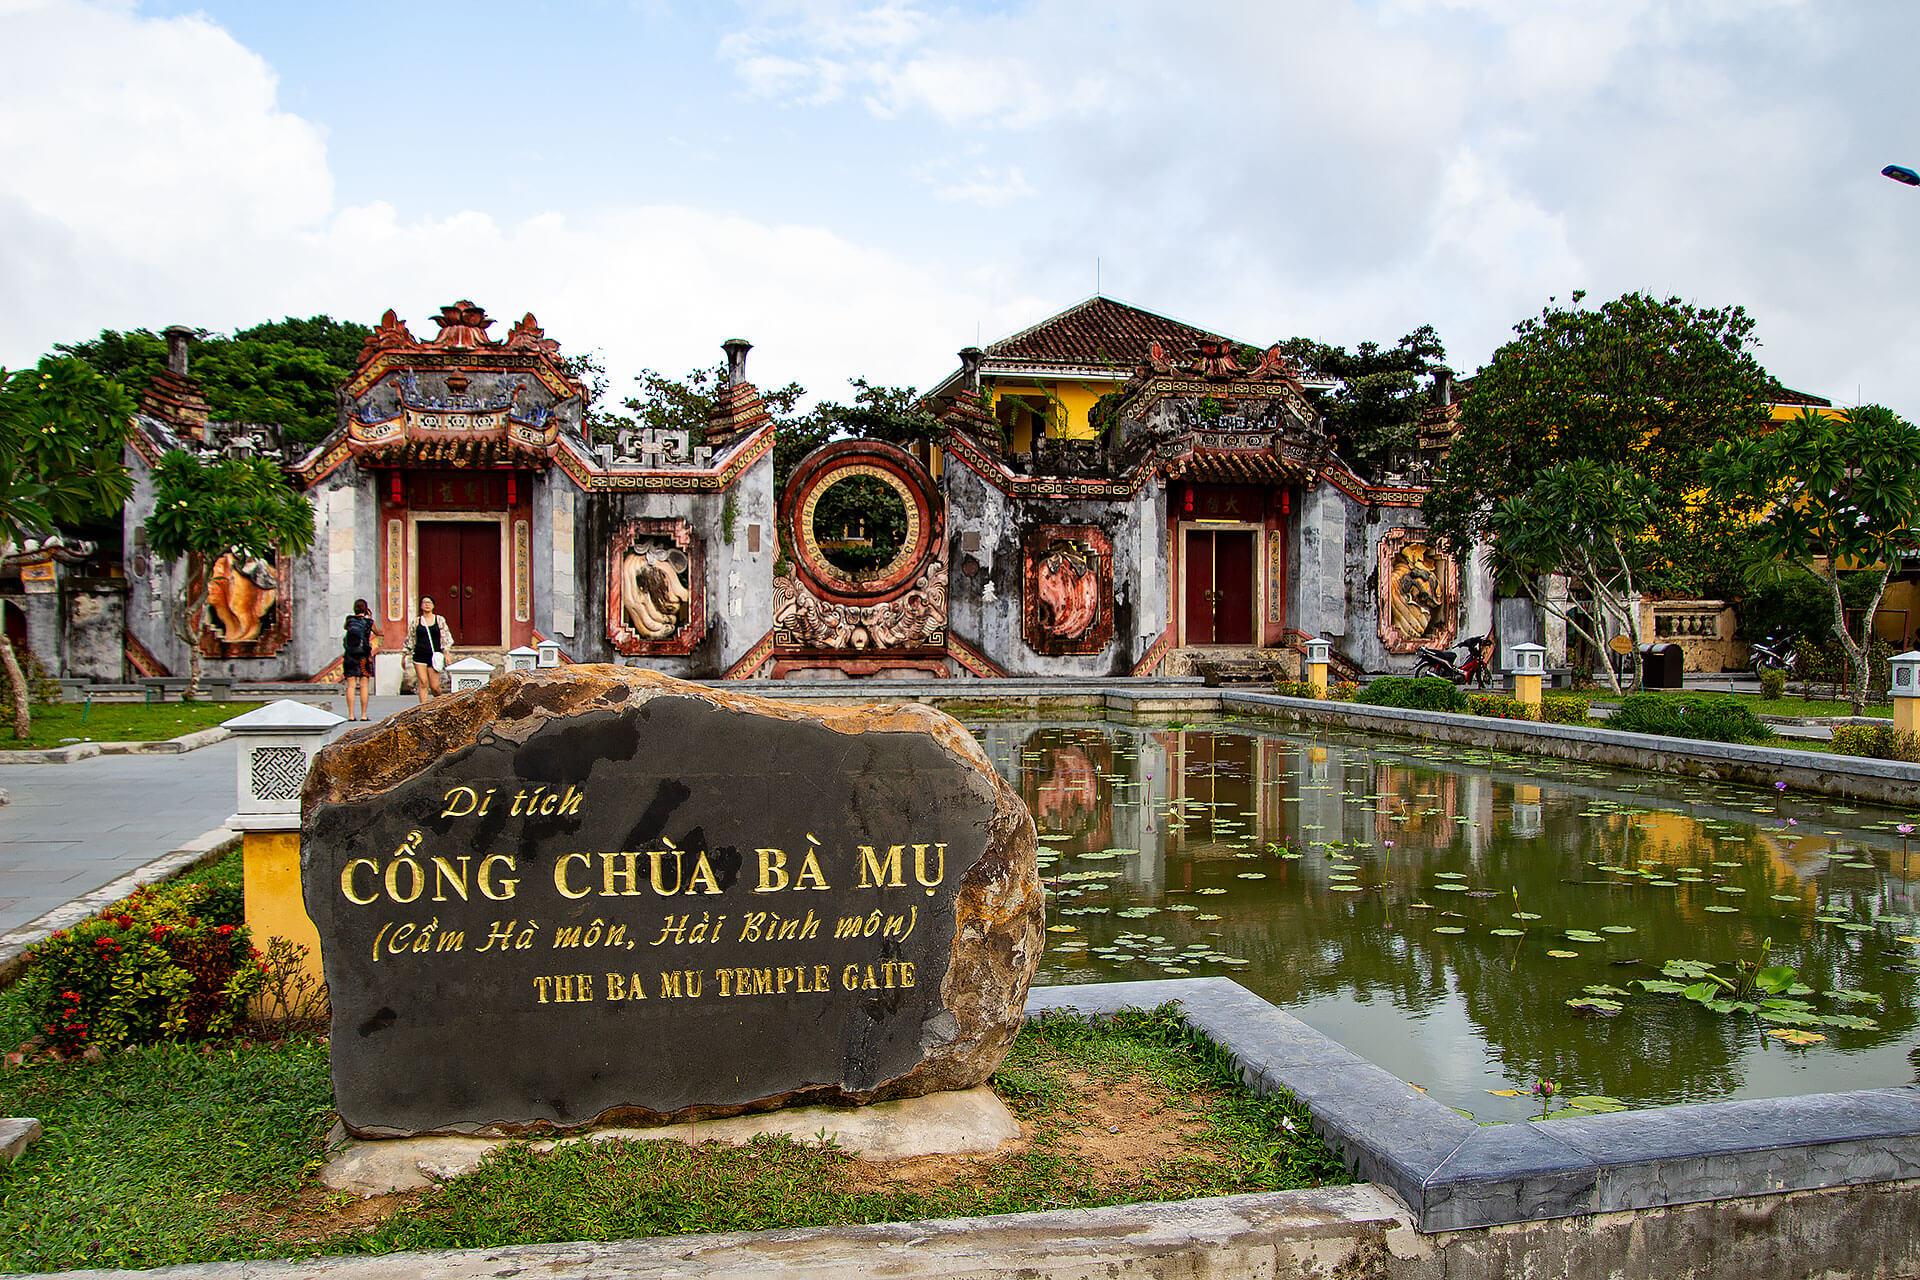 Der Eingang zum Ba Mu Tempel in Hoi An